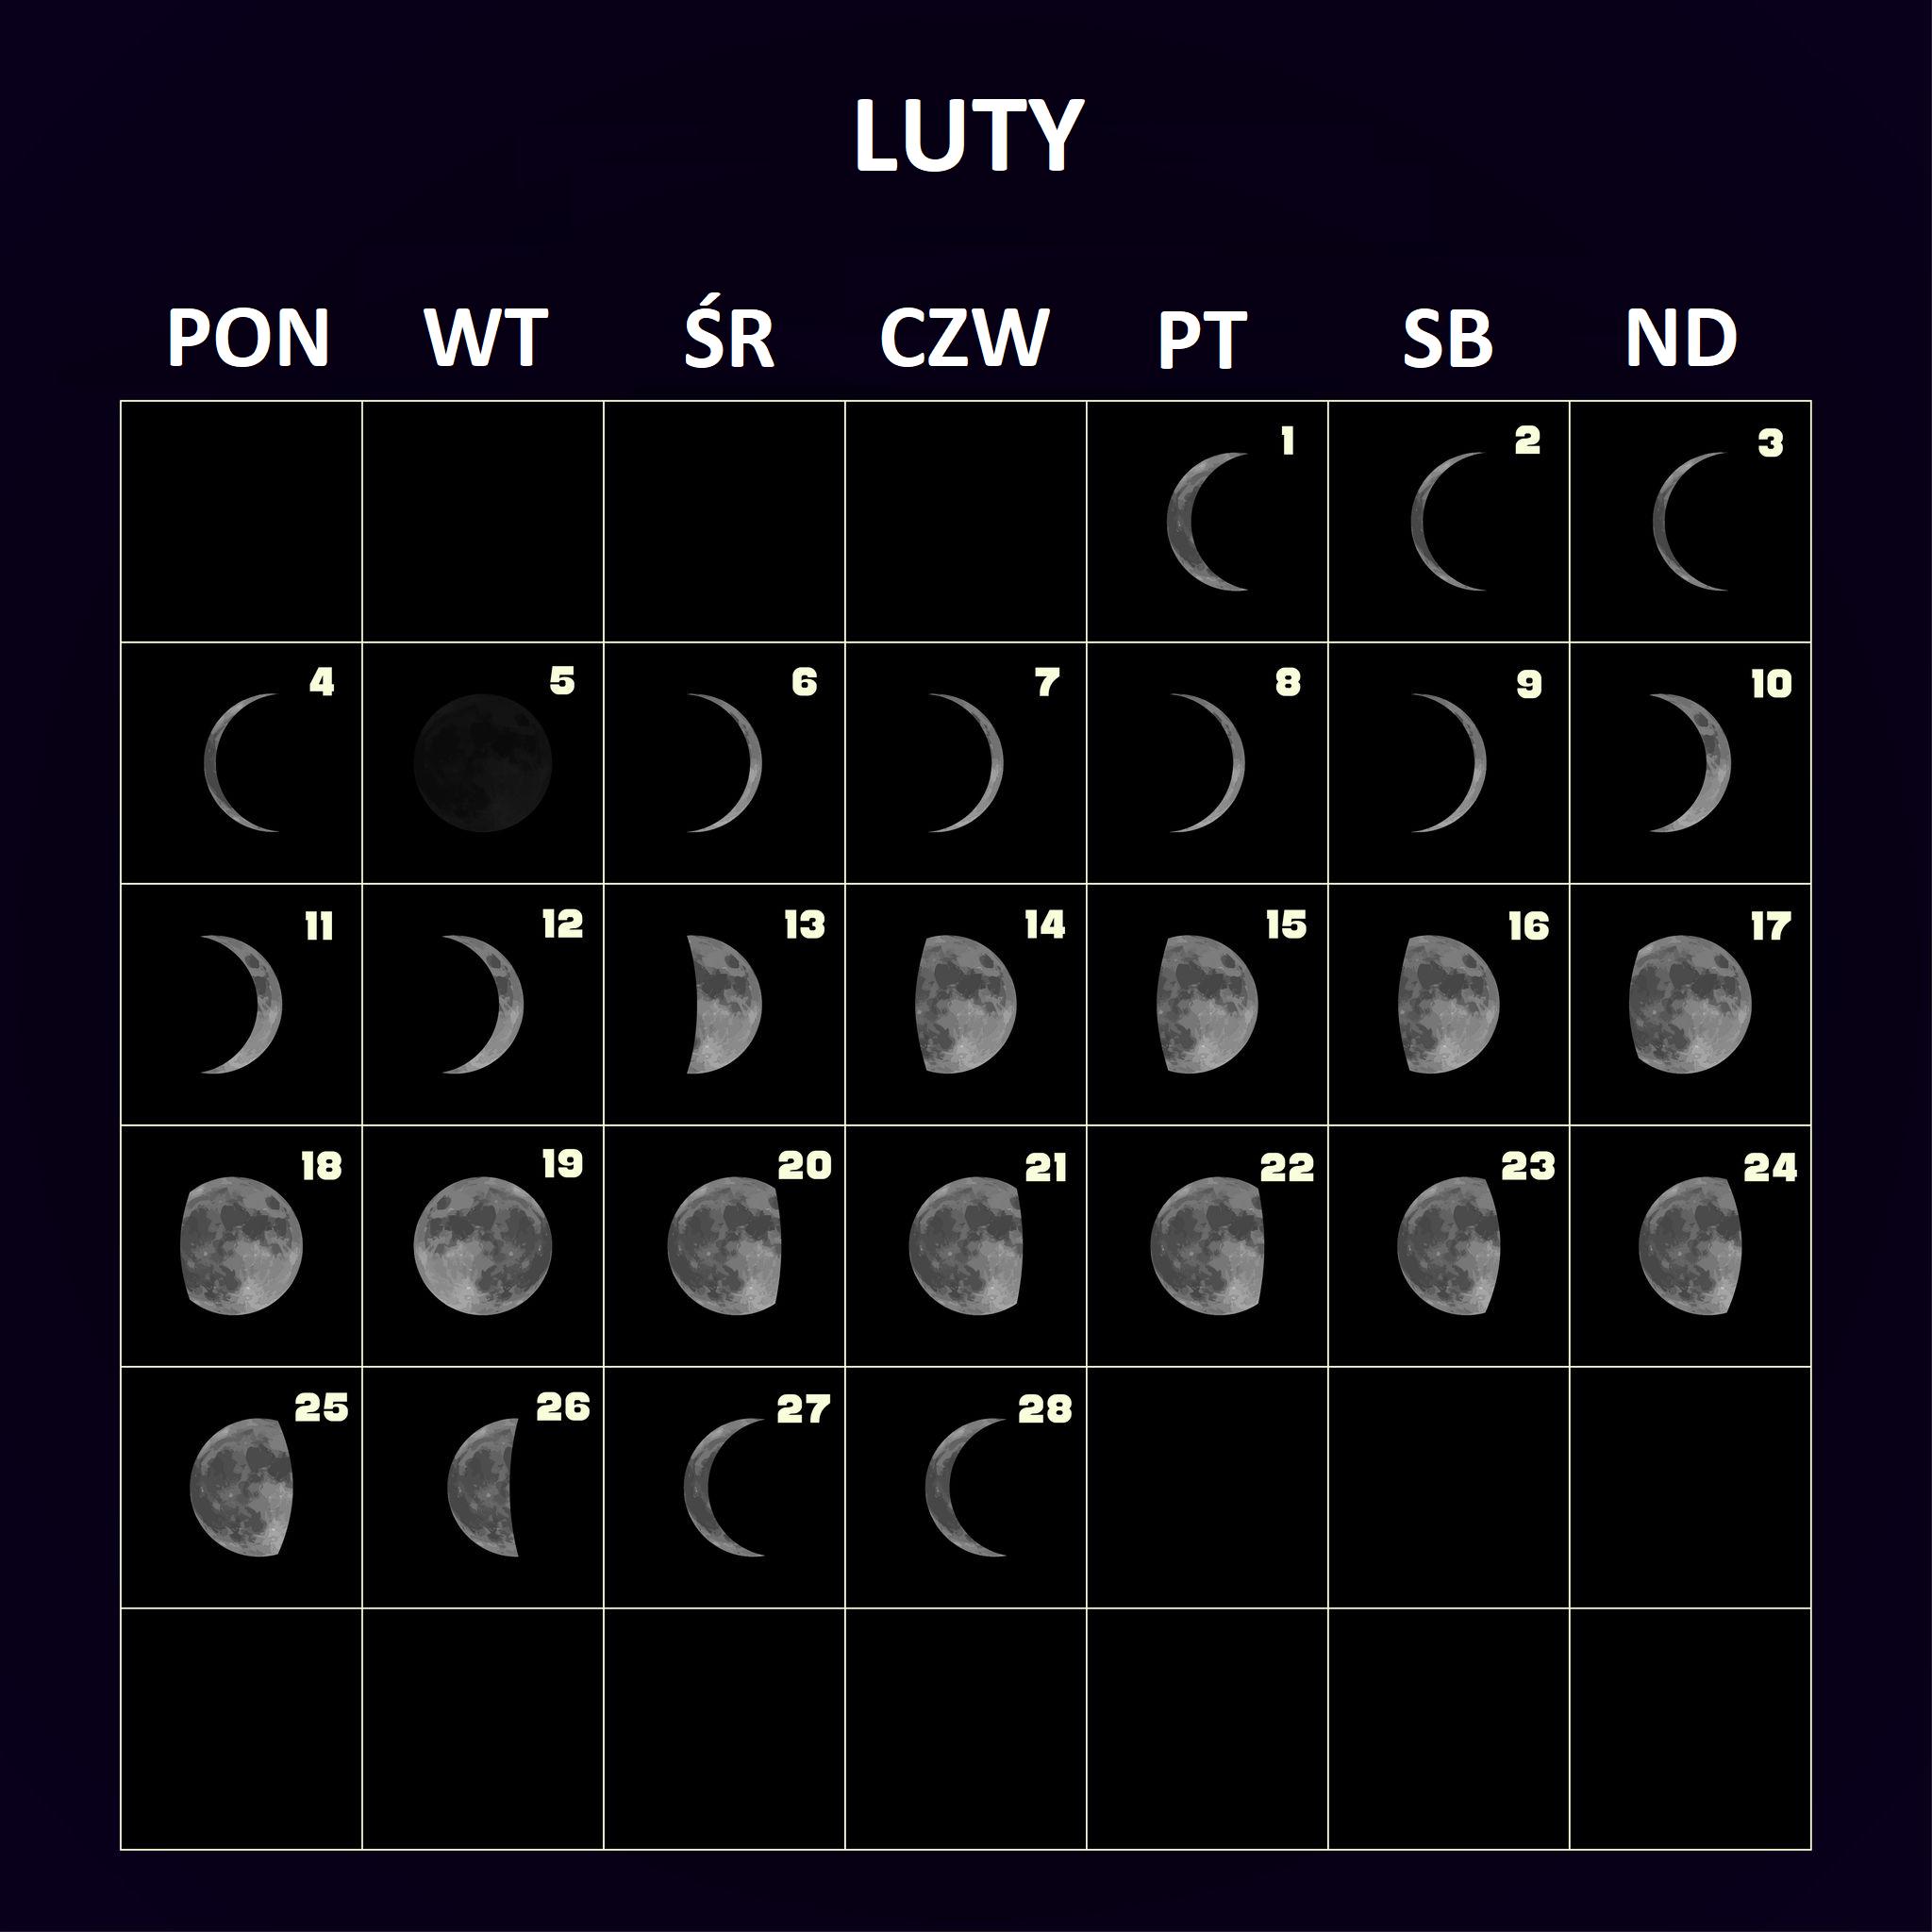 Kalendarz na luty - fazy Księżyca.